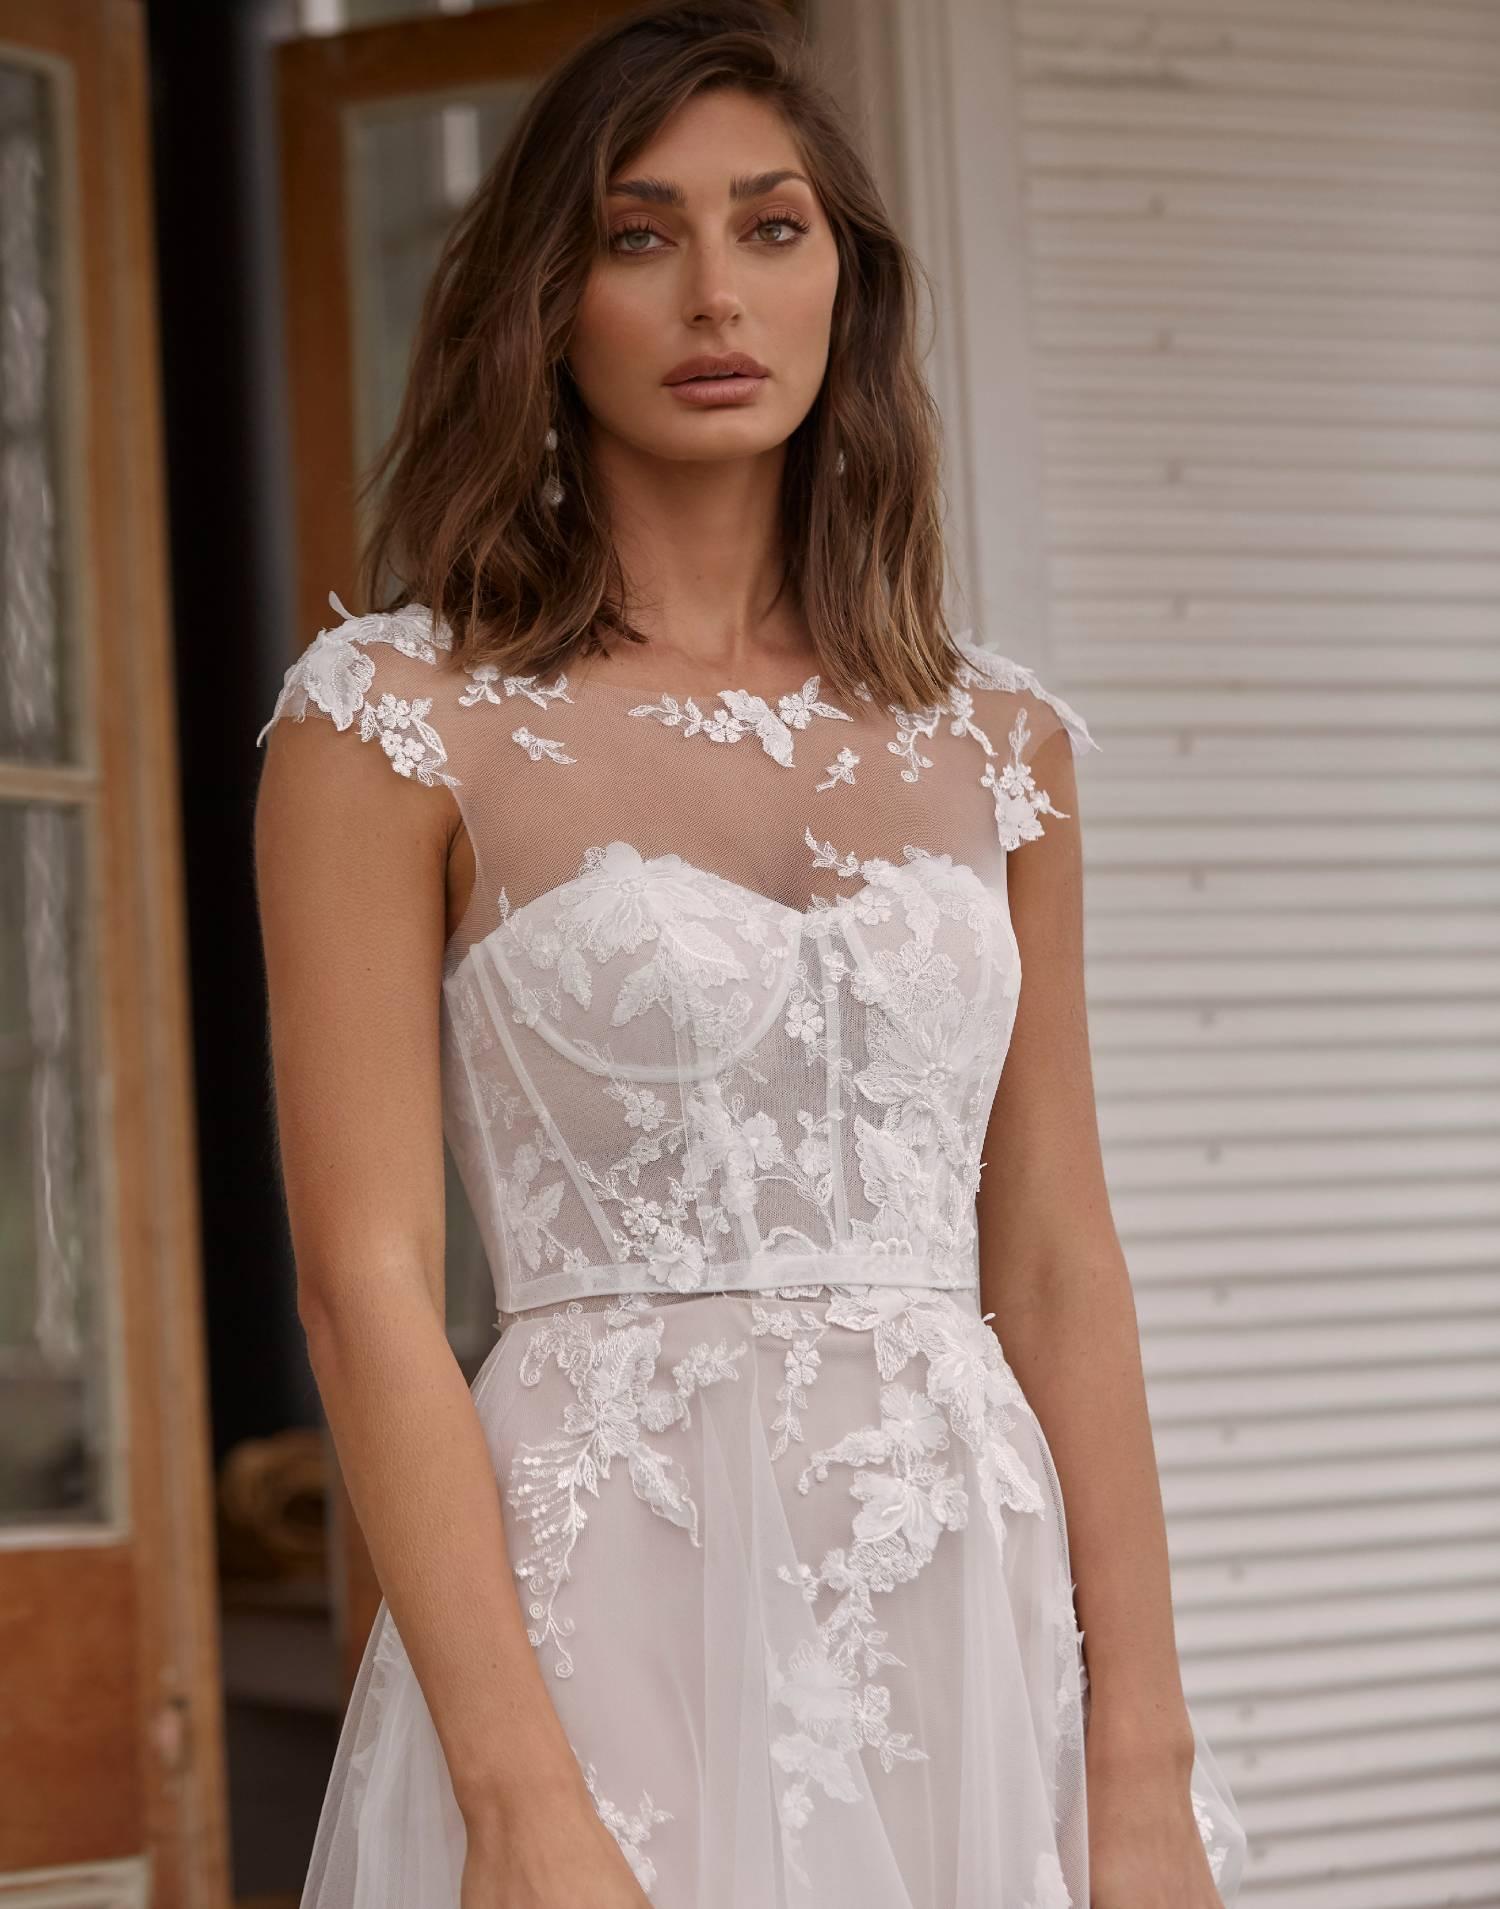 Callie-wedding-dress-madi-lane-bridal-front-view-min